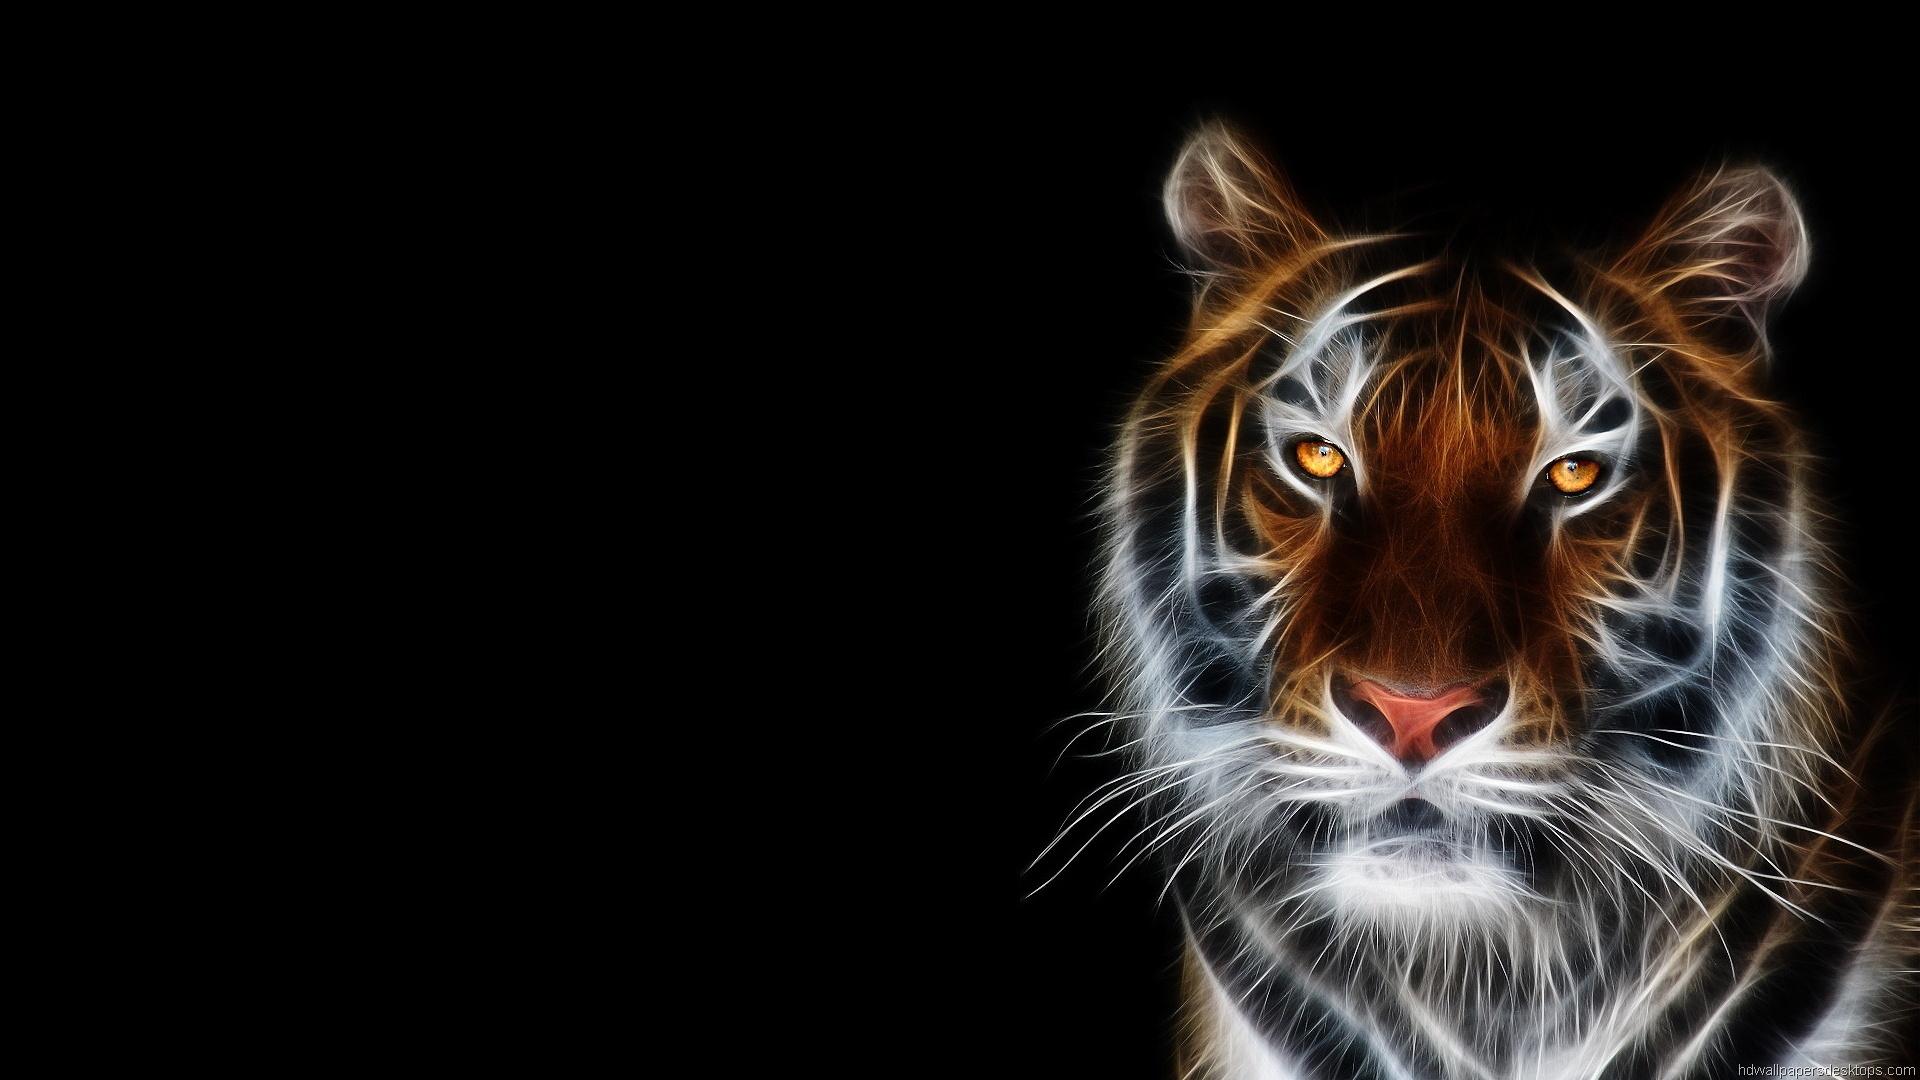 Animals Widescreen Desktop Backgrounds Photos Wallpapers 8063 HD 1920x1080